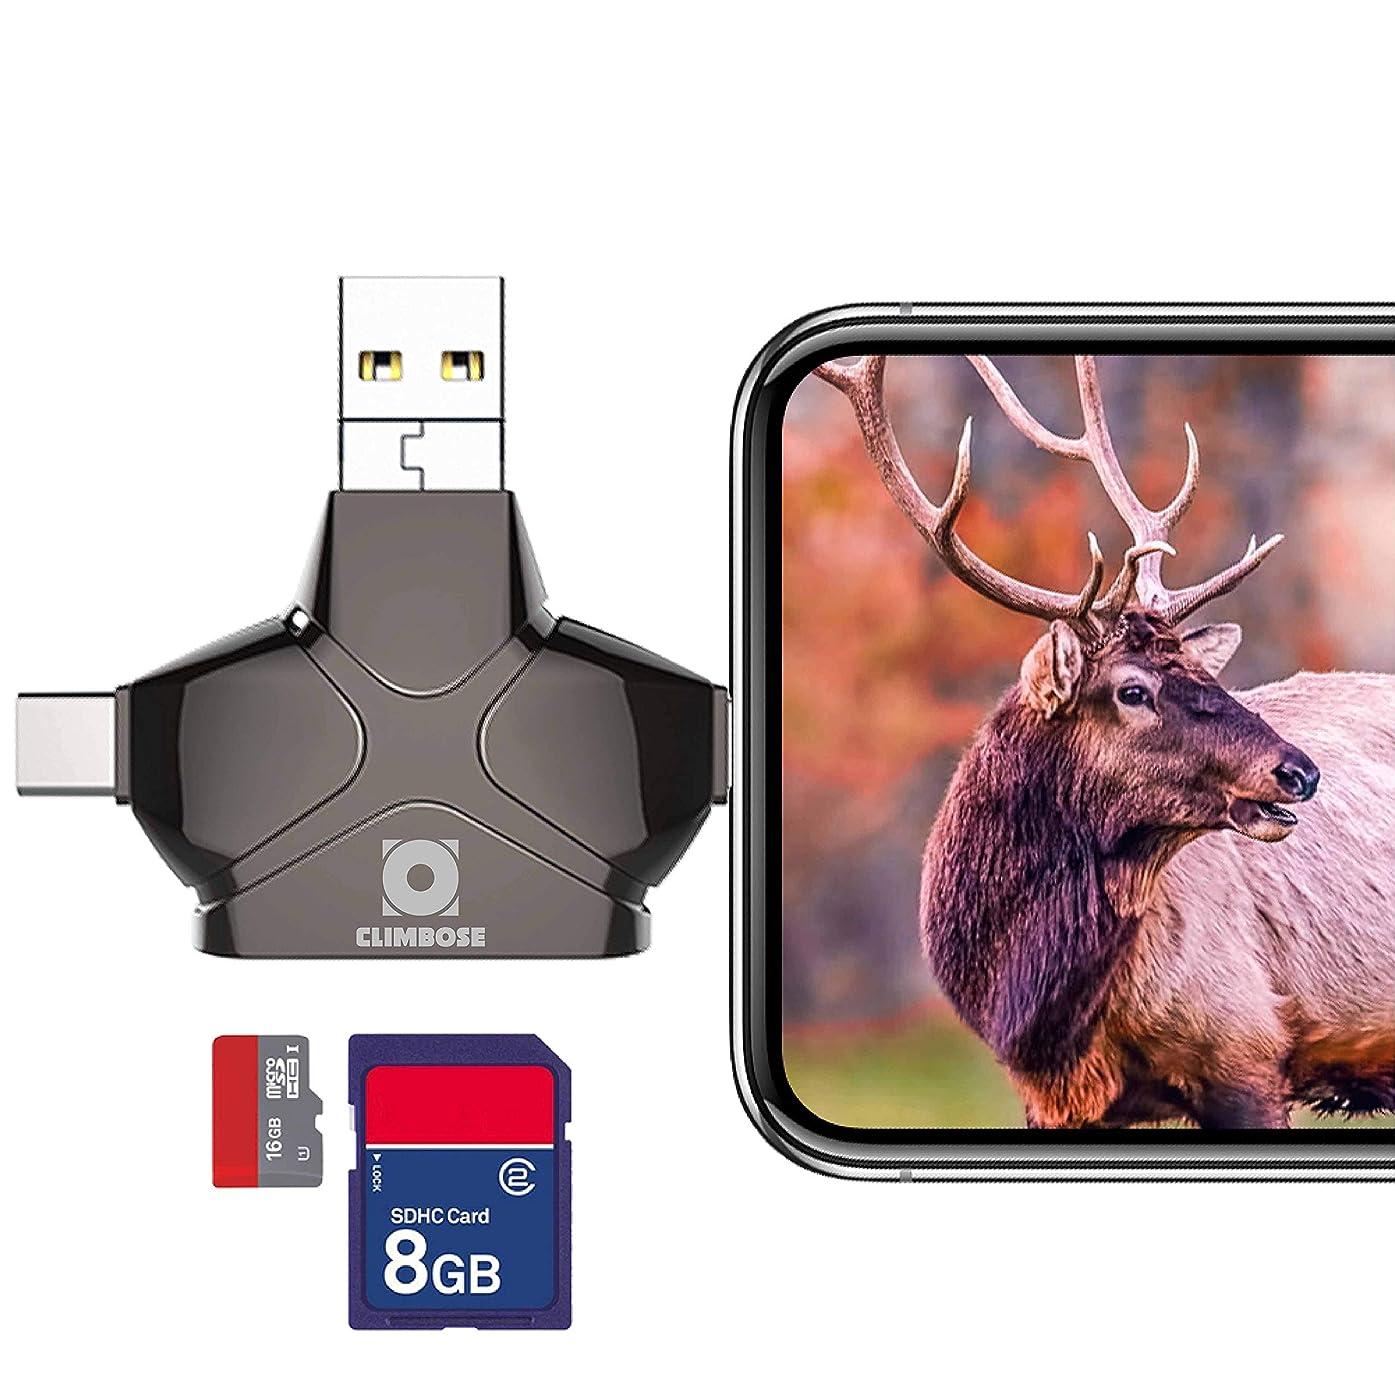 自動車系譜スペースClimbose ハンティングトレイルカメラ 20MP 1080P HD ナイトビジョン ハンティングビデオカメラ 65フィート 野生動物カメラ 940nm IR LED 2インチ液晶ディスプレイ 防水 IP56 インスタント監視カメラ